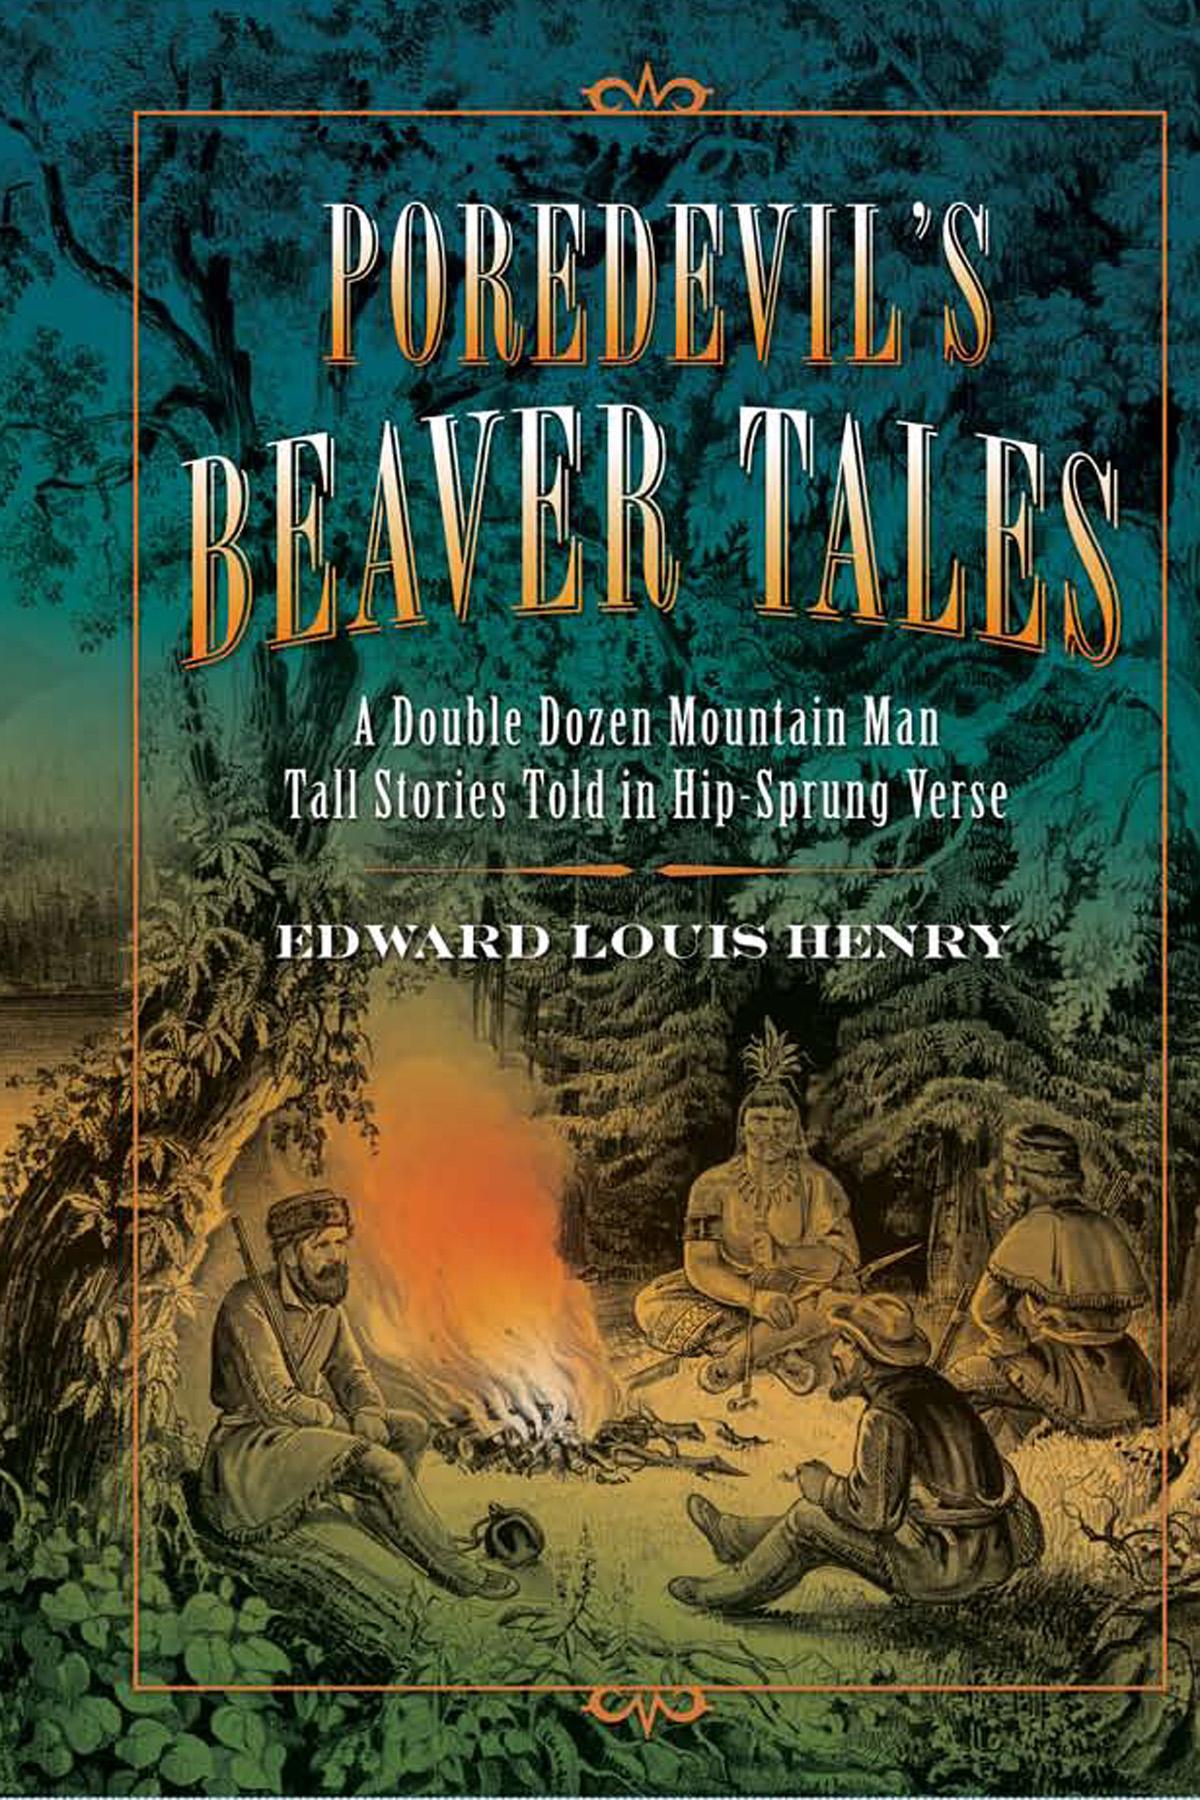 Poredevil's Beaver Tales